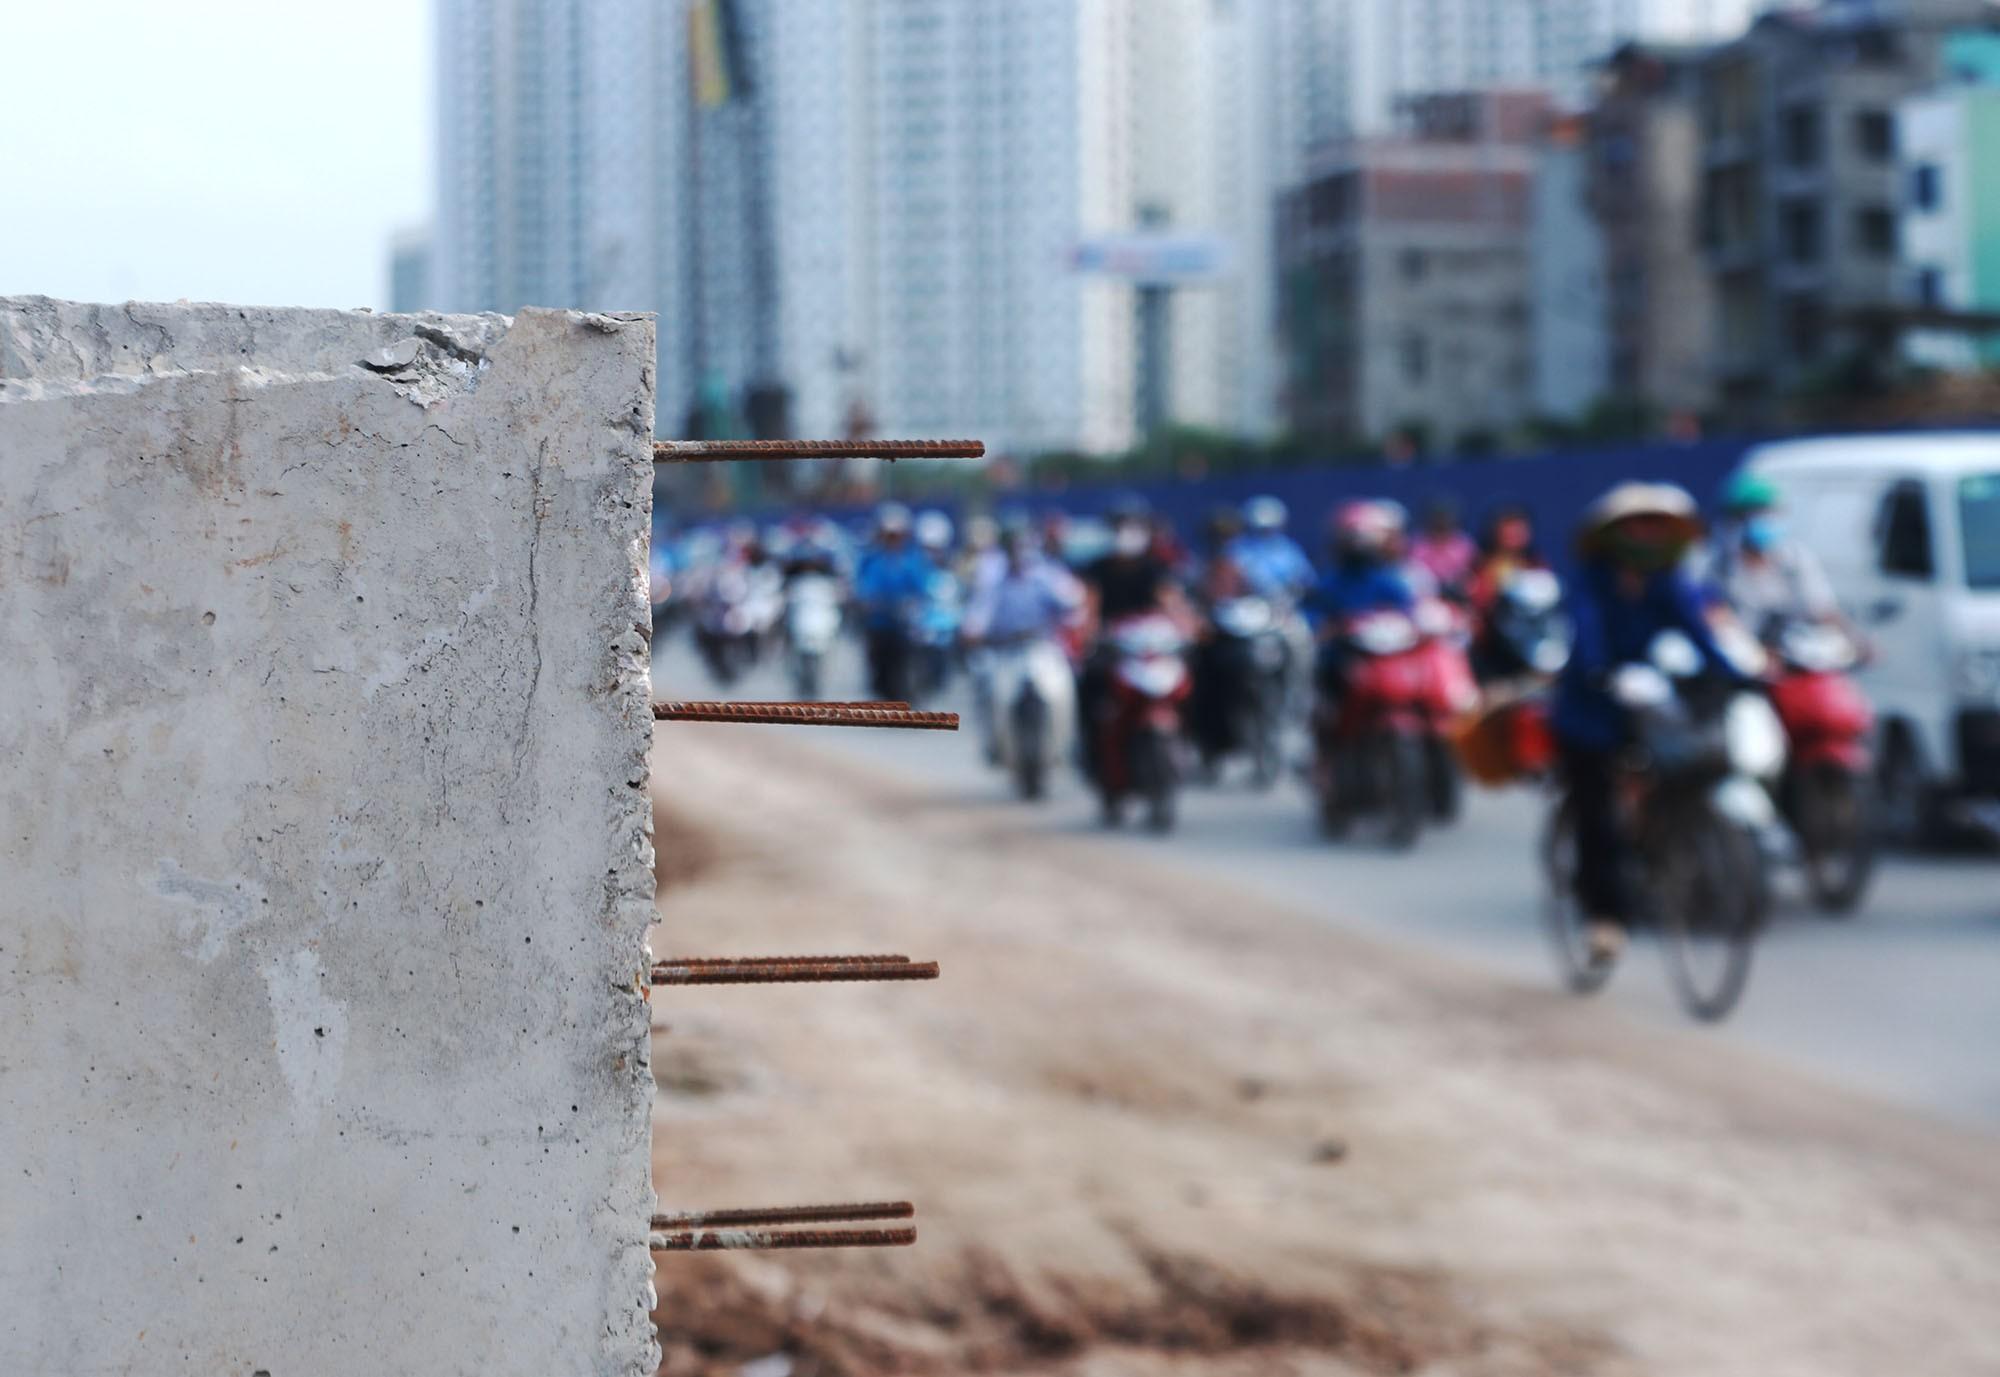 Hà Nội: Đường Phạm Văn Đồng vẫn ngổn ngang hơn 1 năm thi công dự án cao tốc trên cao - Ảnh 9.